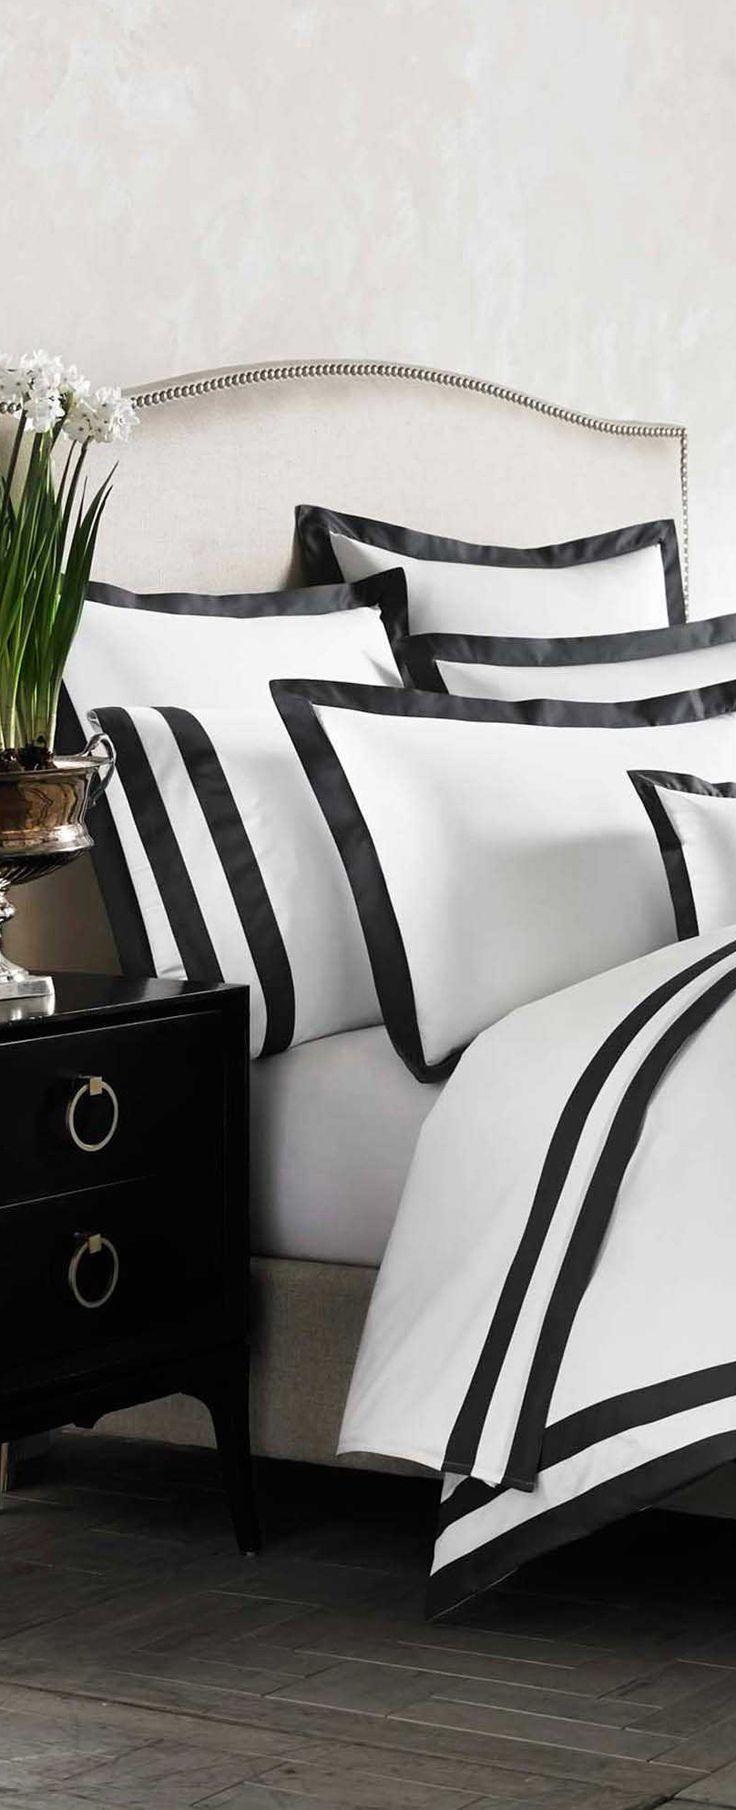 Lovely Une chambre en noir et blanc | design, décoration, chambres. Plus d'dées sur w...